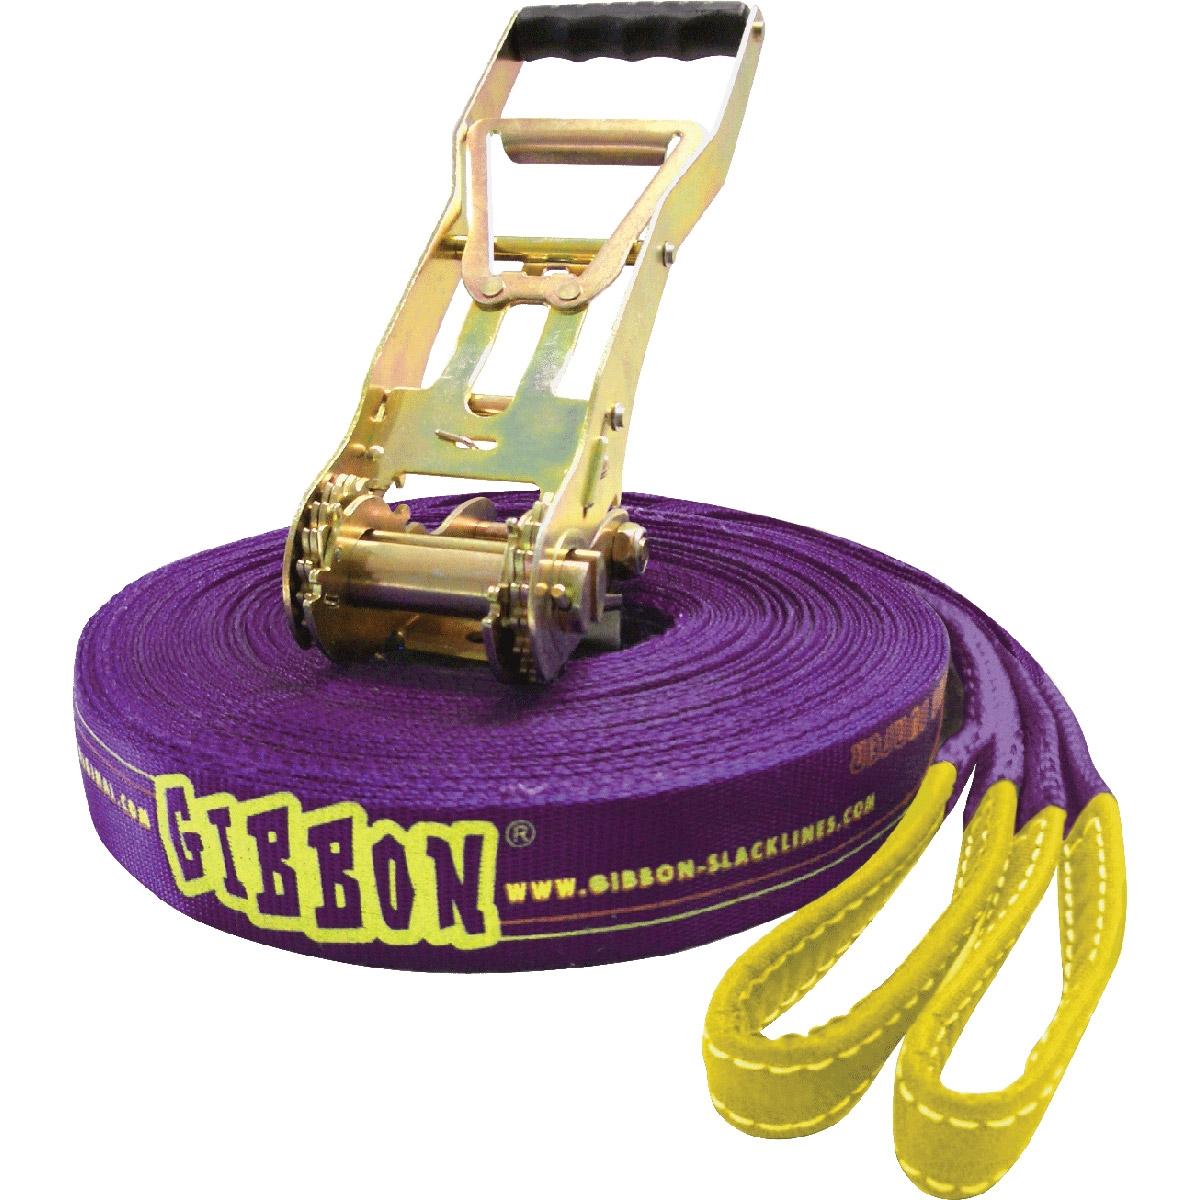 Слэклайн Gibbon Surfer Line, 300 х 5 х 0,4 см защита трещотки gibbon rat pad 29 х 12 5 х 1 см